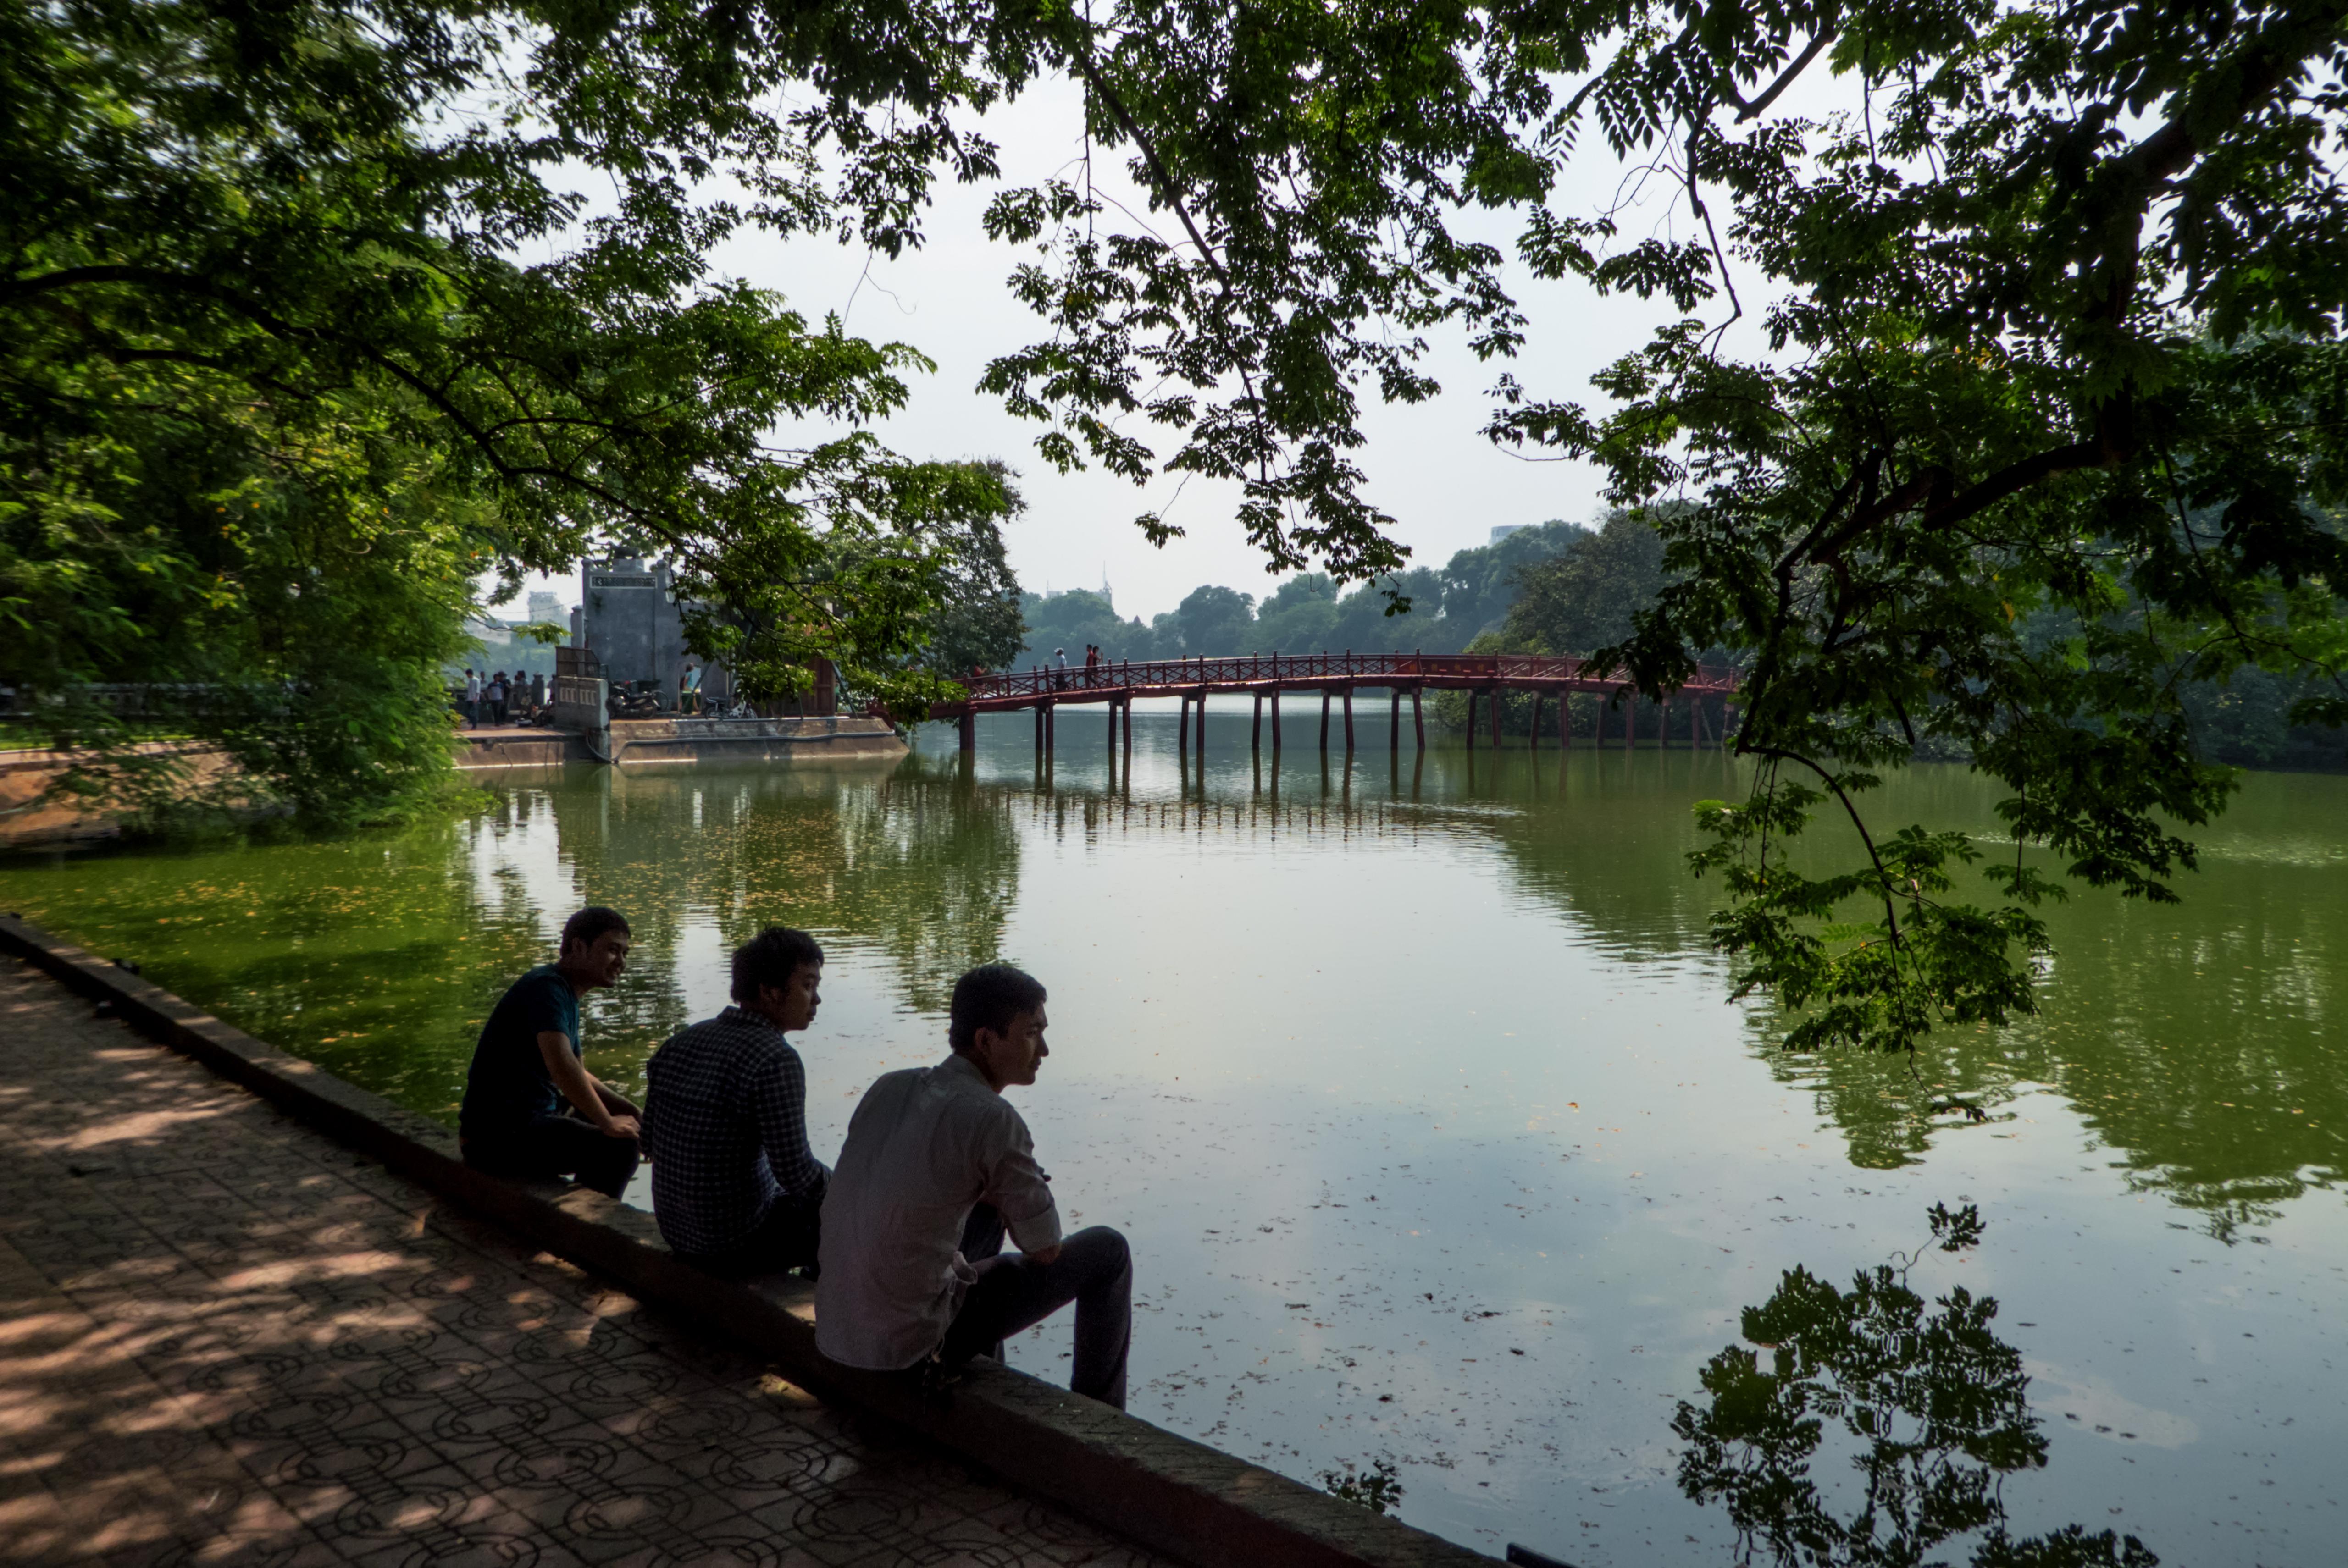 SE5 Hoan Kiem Lake, Hanoi